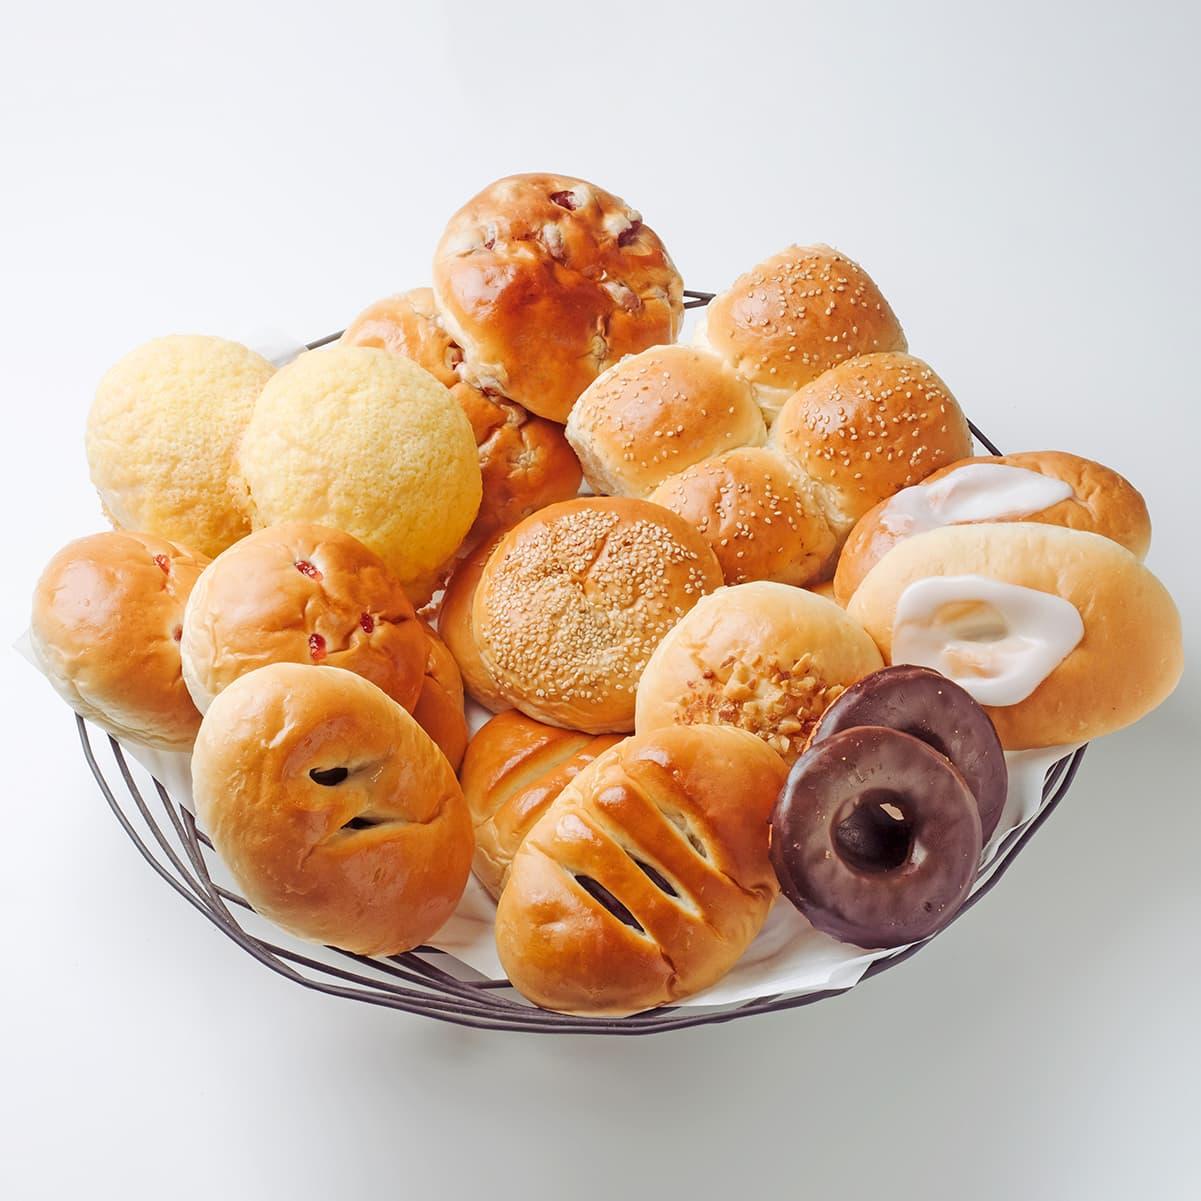 【贈り物人気NO1】懐かしの菓子パン ファミリーセット